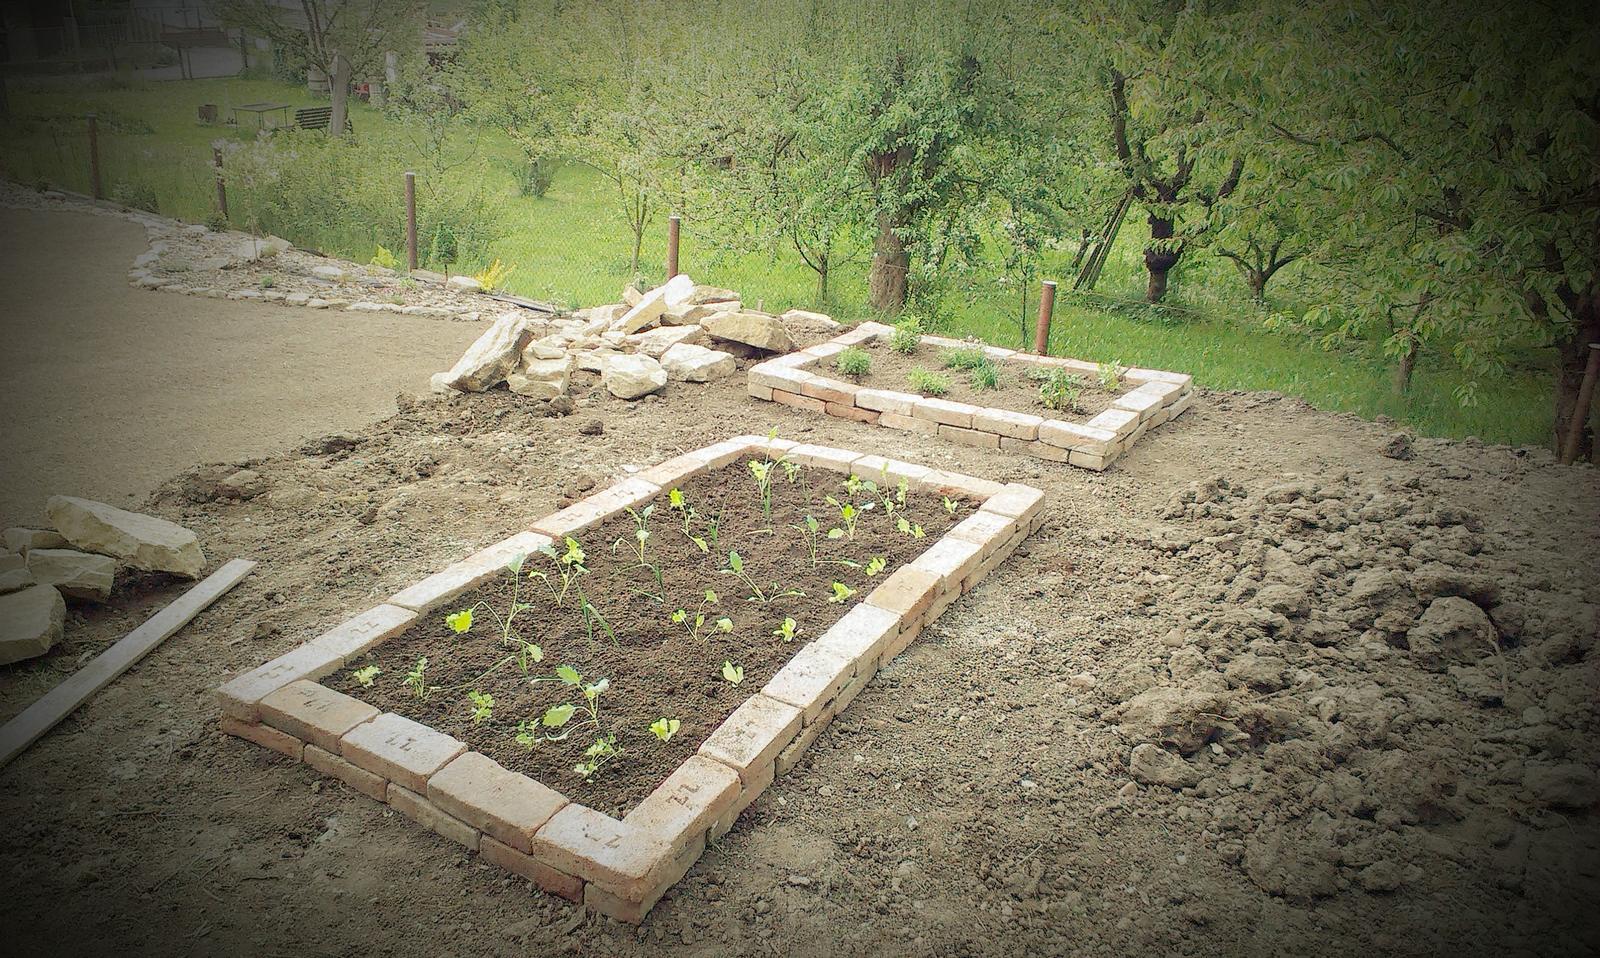 Záhrada - Kým rastie tráva starám sa o tohtoročnú úrodu - prvé priesady a bylinky zasadené